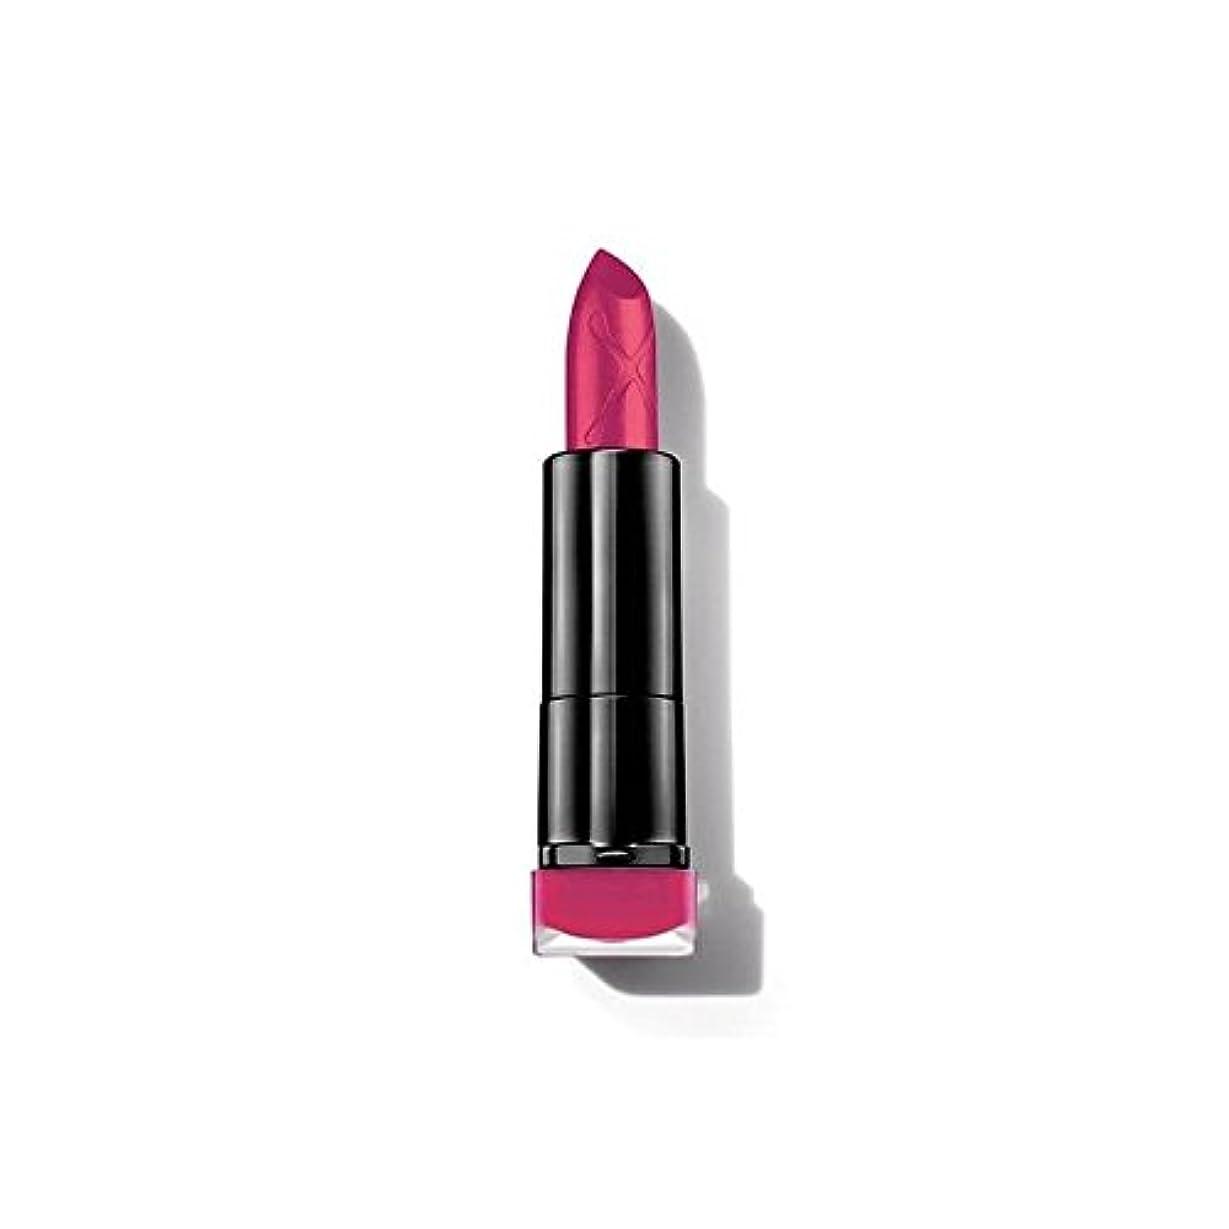 口述する愛国的な憂慮すべきマックスファクターカラーエリキシルマット弾丸口紅赤面25 x2 - Max Factor Colour Elixir Matte Bullet Lipstick Blush 25 (Pack of 2) [並行輸入品]